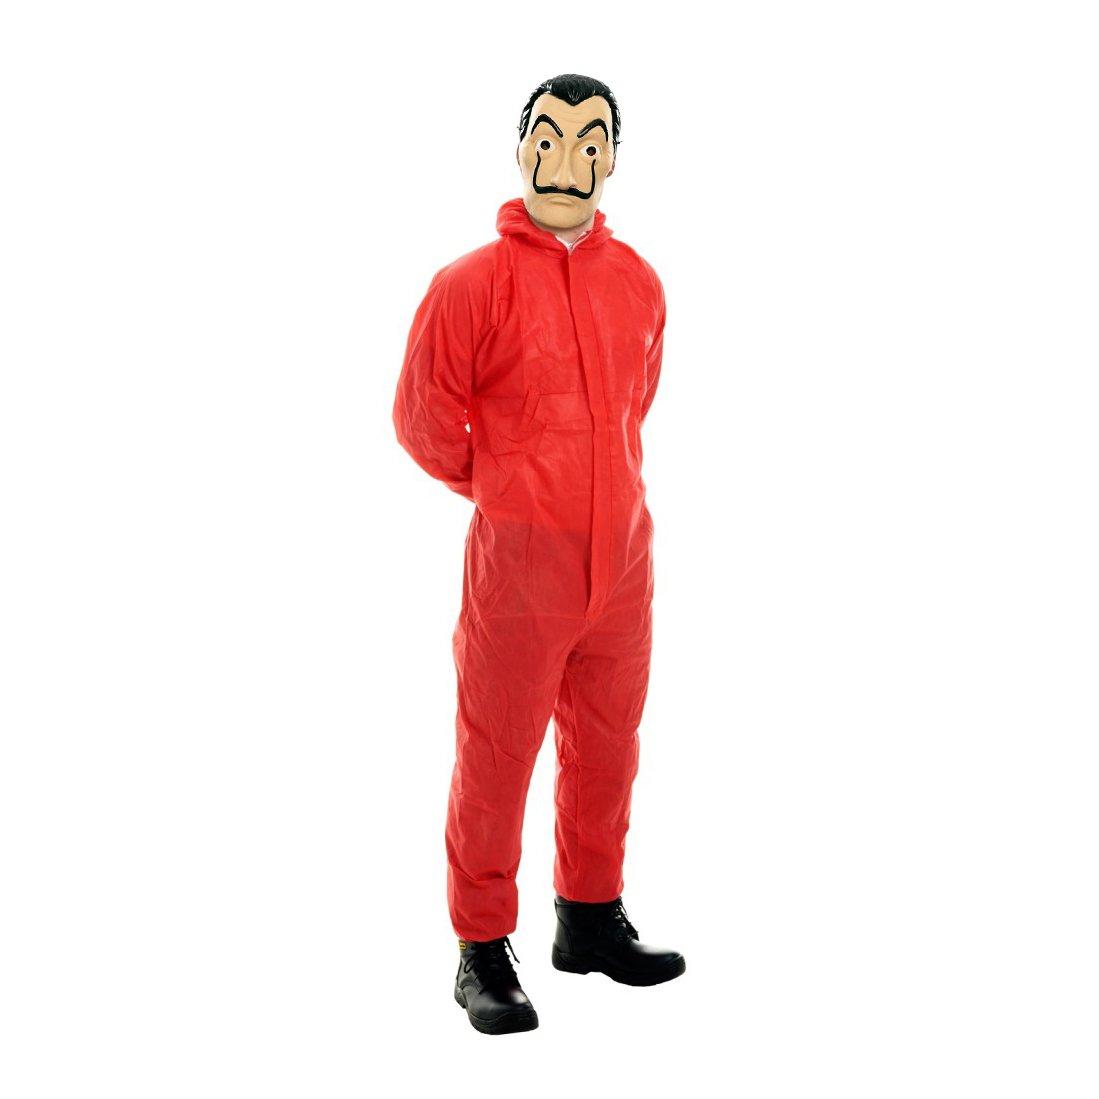 Asvp Shop Haus Des Geldes La Casa De Papel Maske Roter Anzug